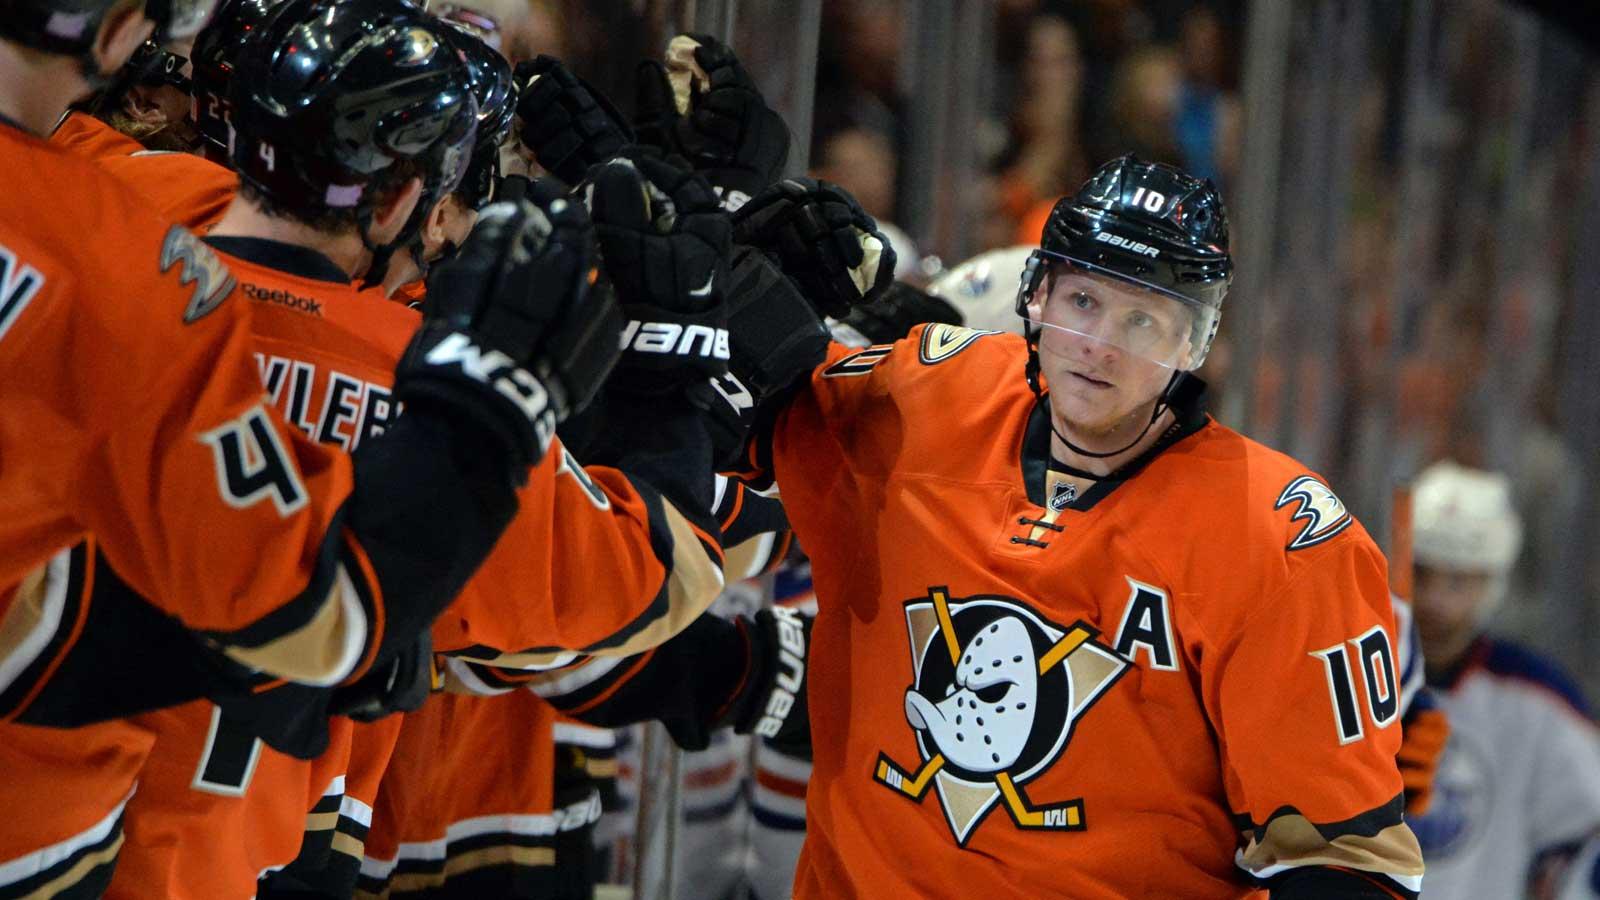 Ducks host Islanders Friday night